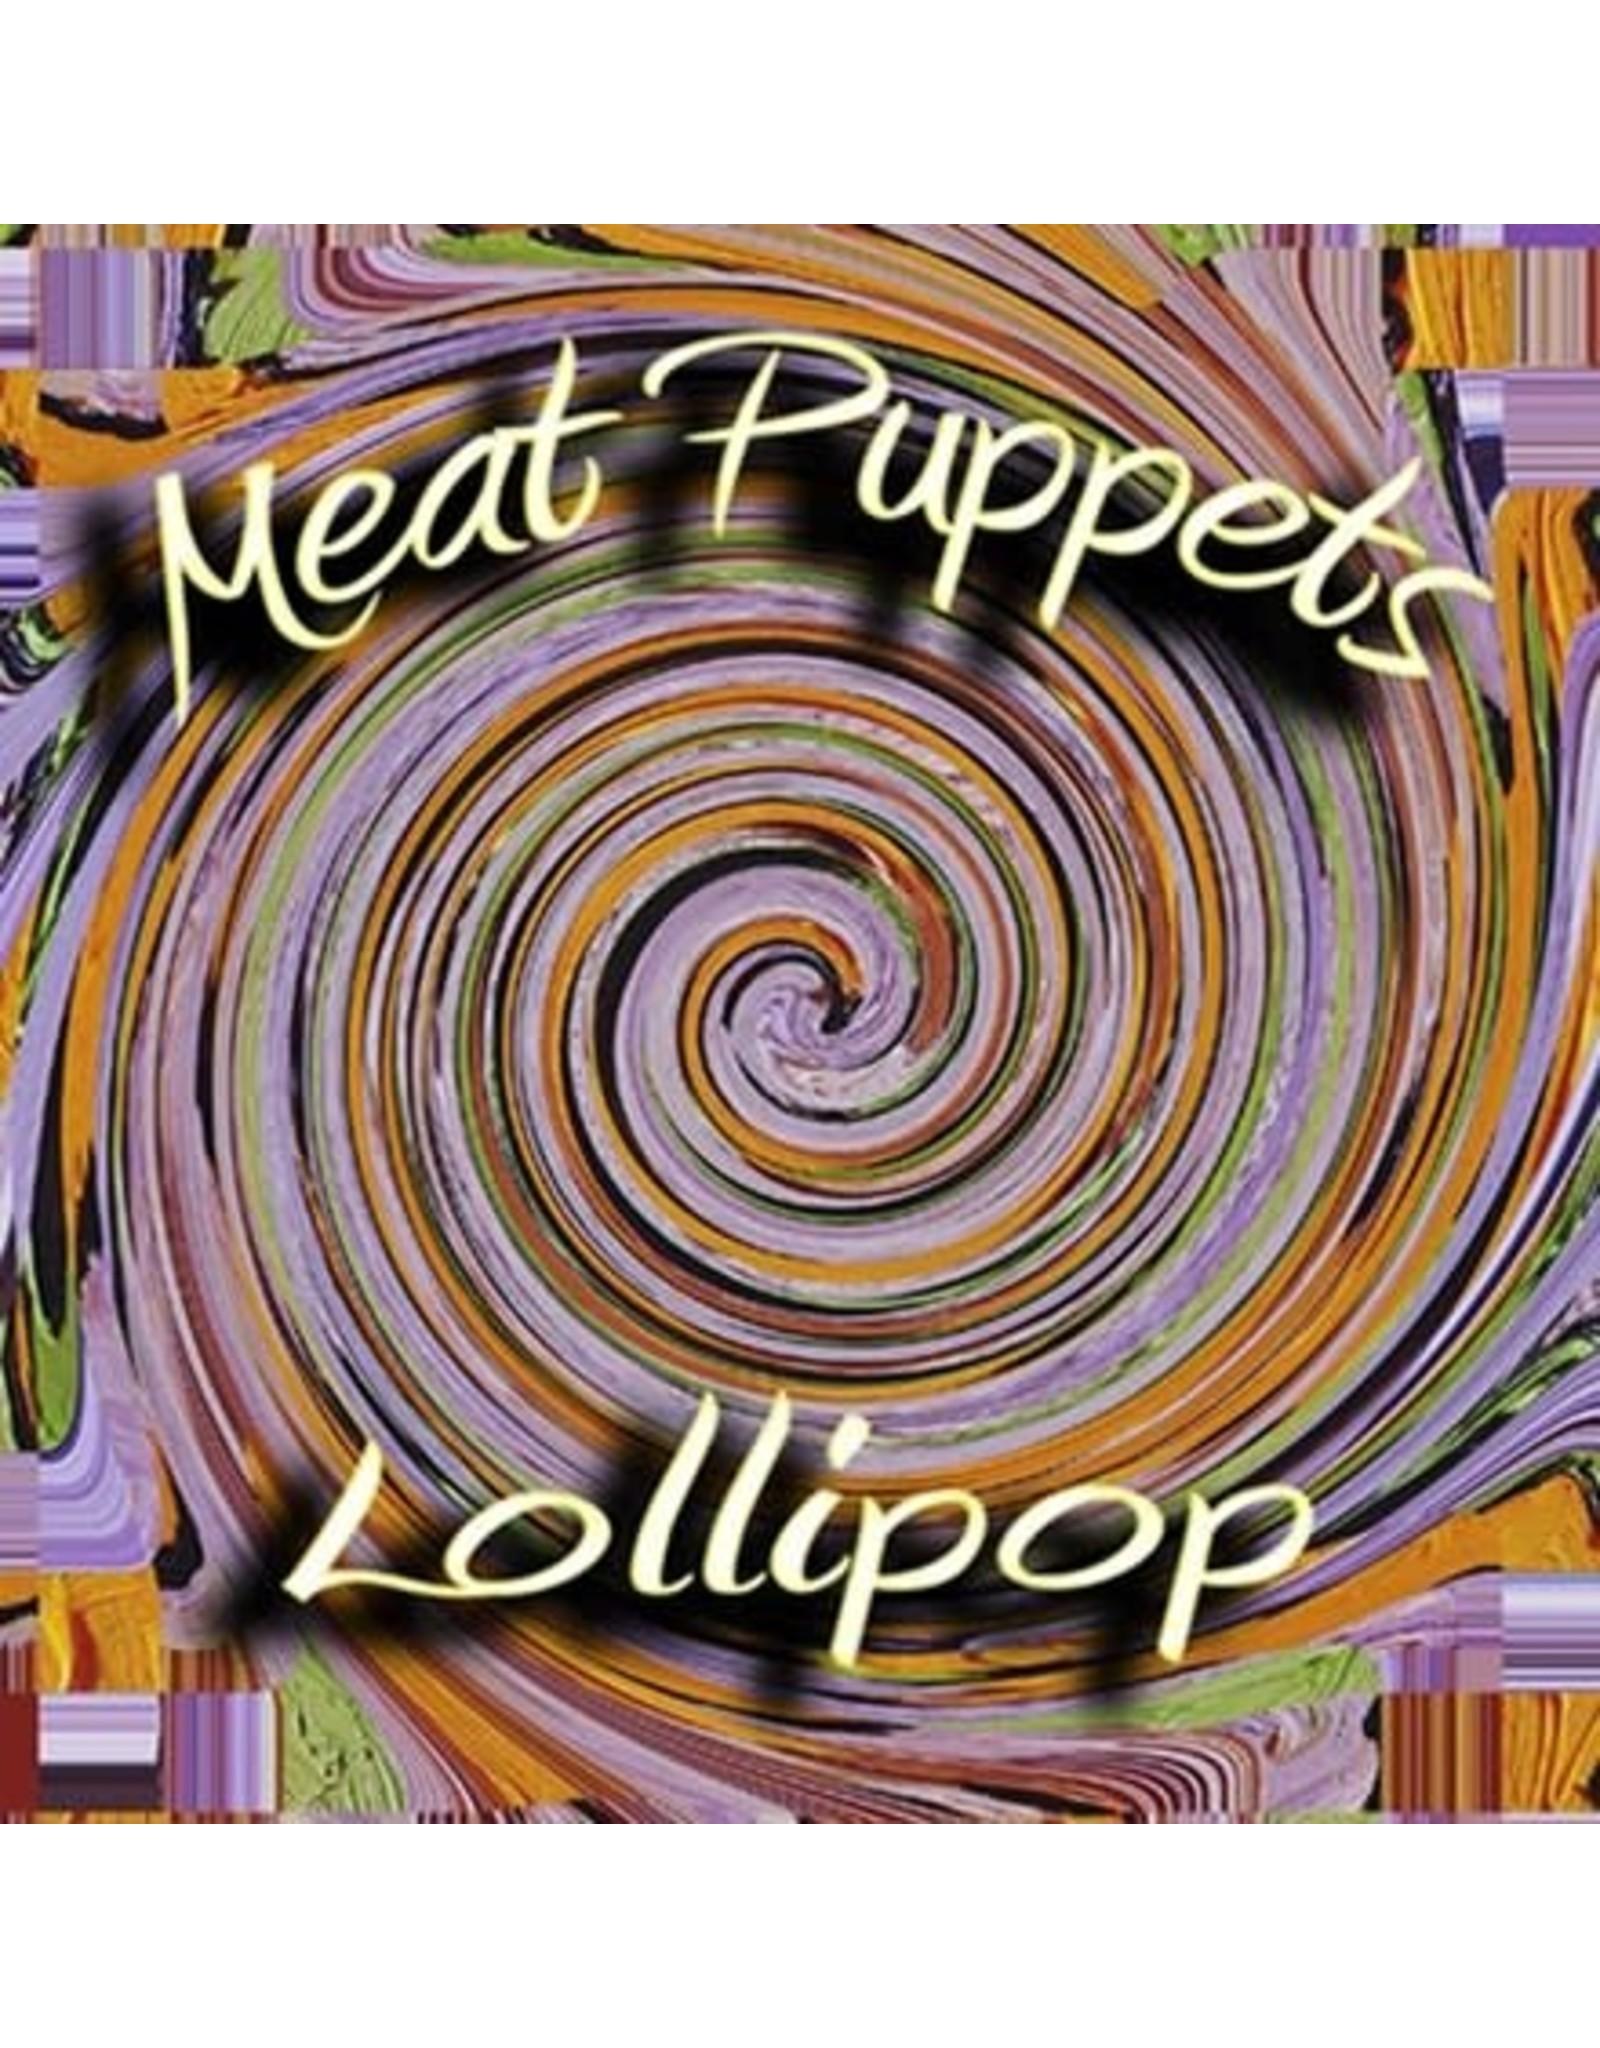 Megaforce Meat Puppets: Lollipop LP